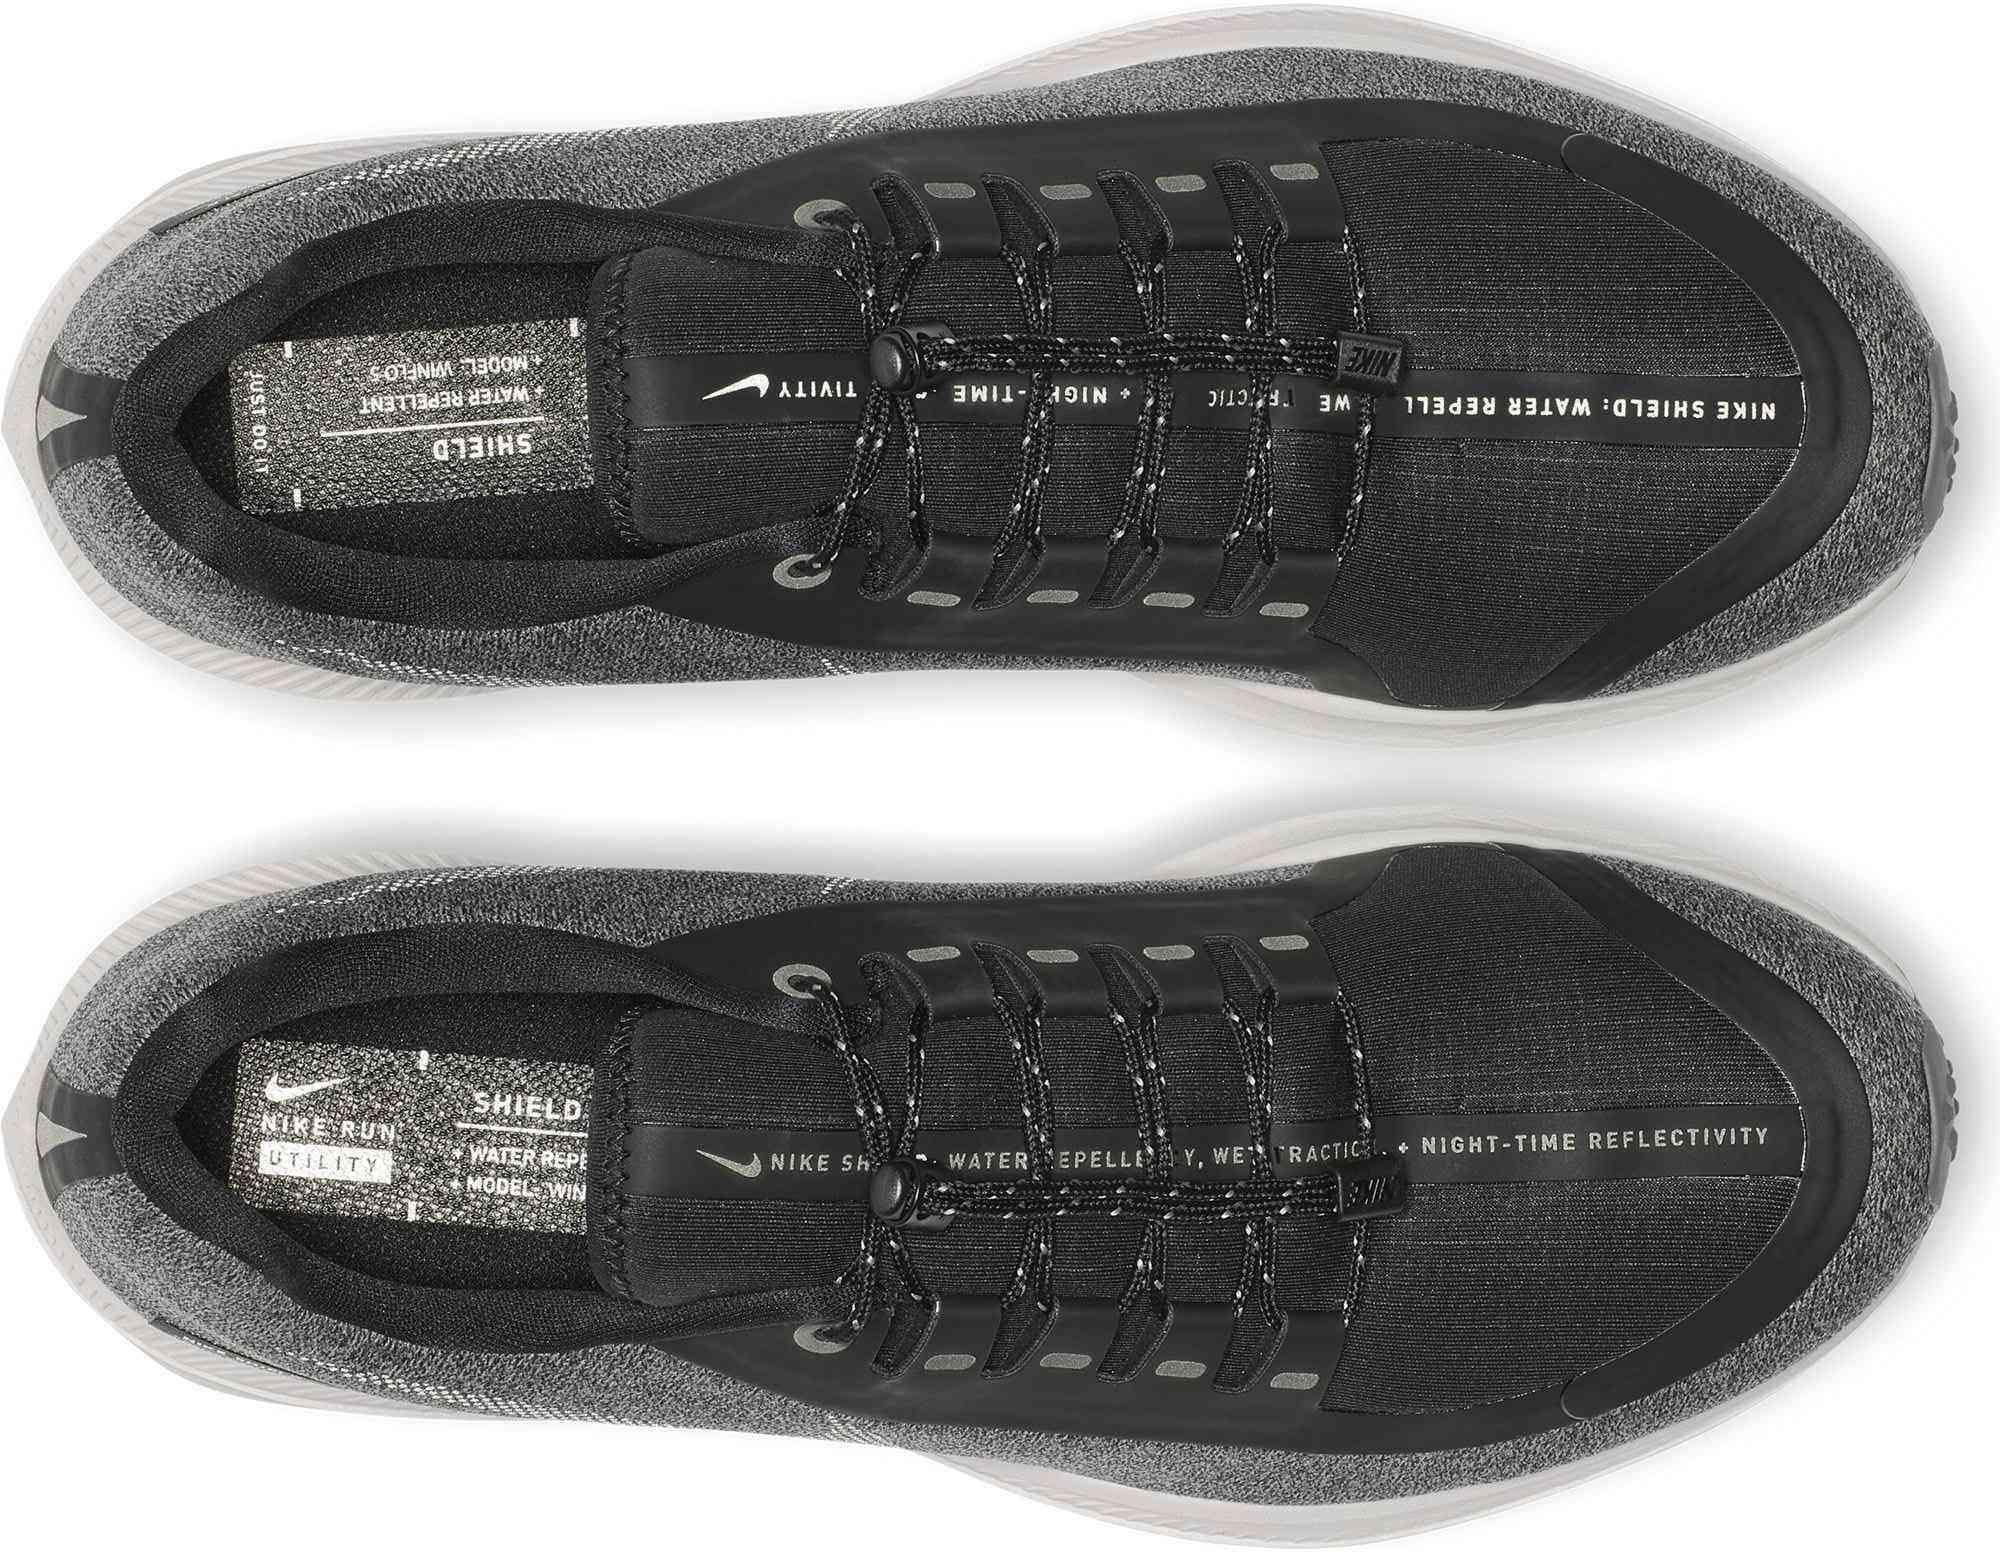 2ef3dd01fbfe9 Nike AIR ZOOM WINFLO 5 RUN SHIELD